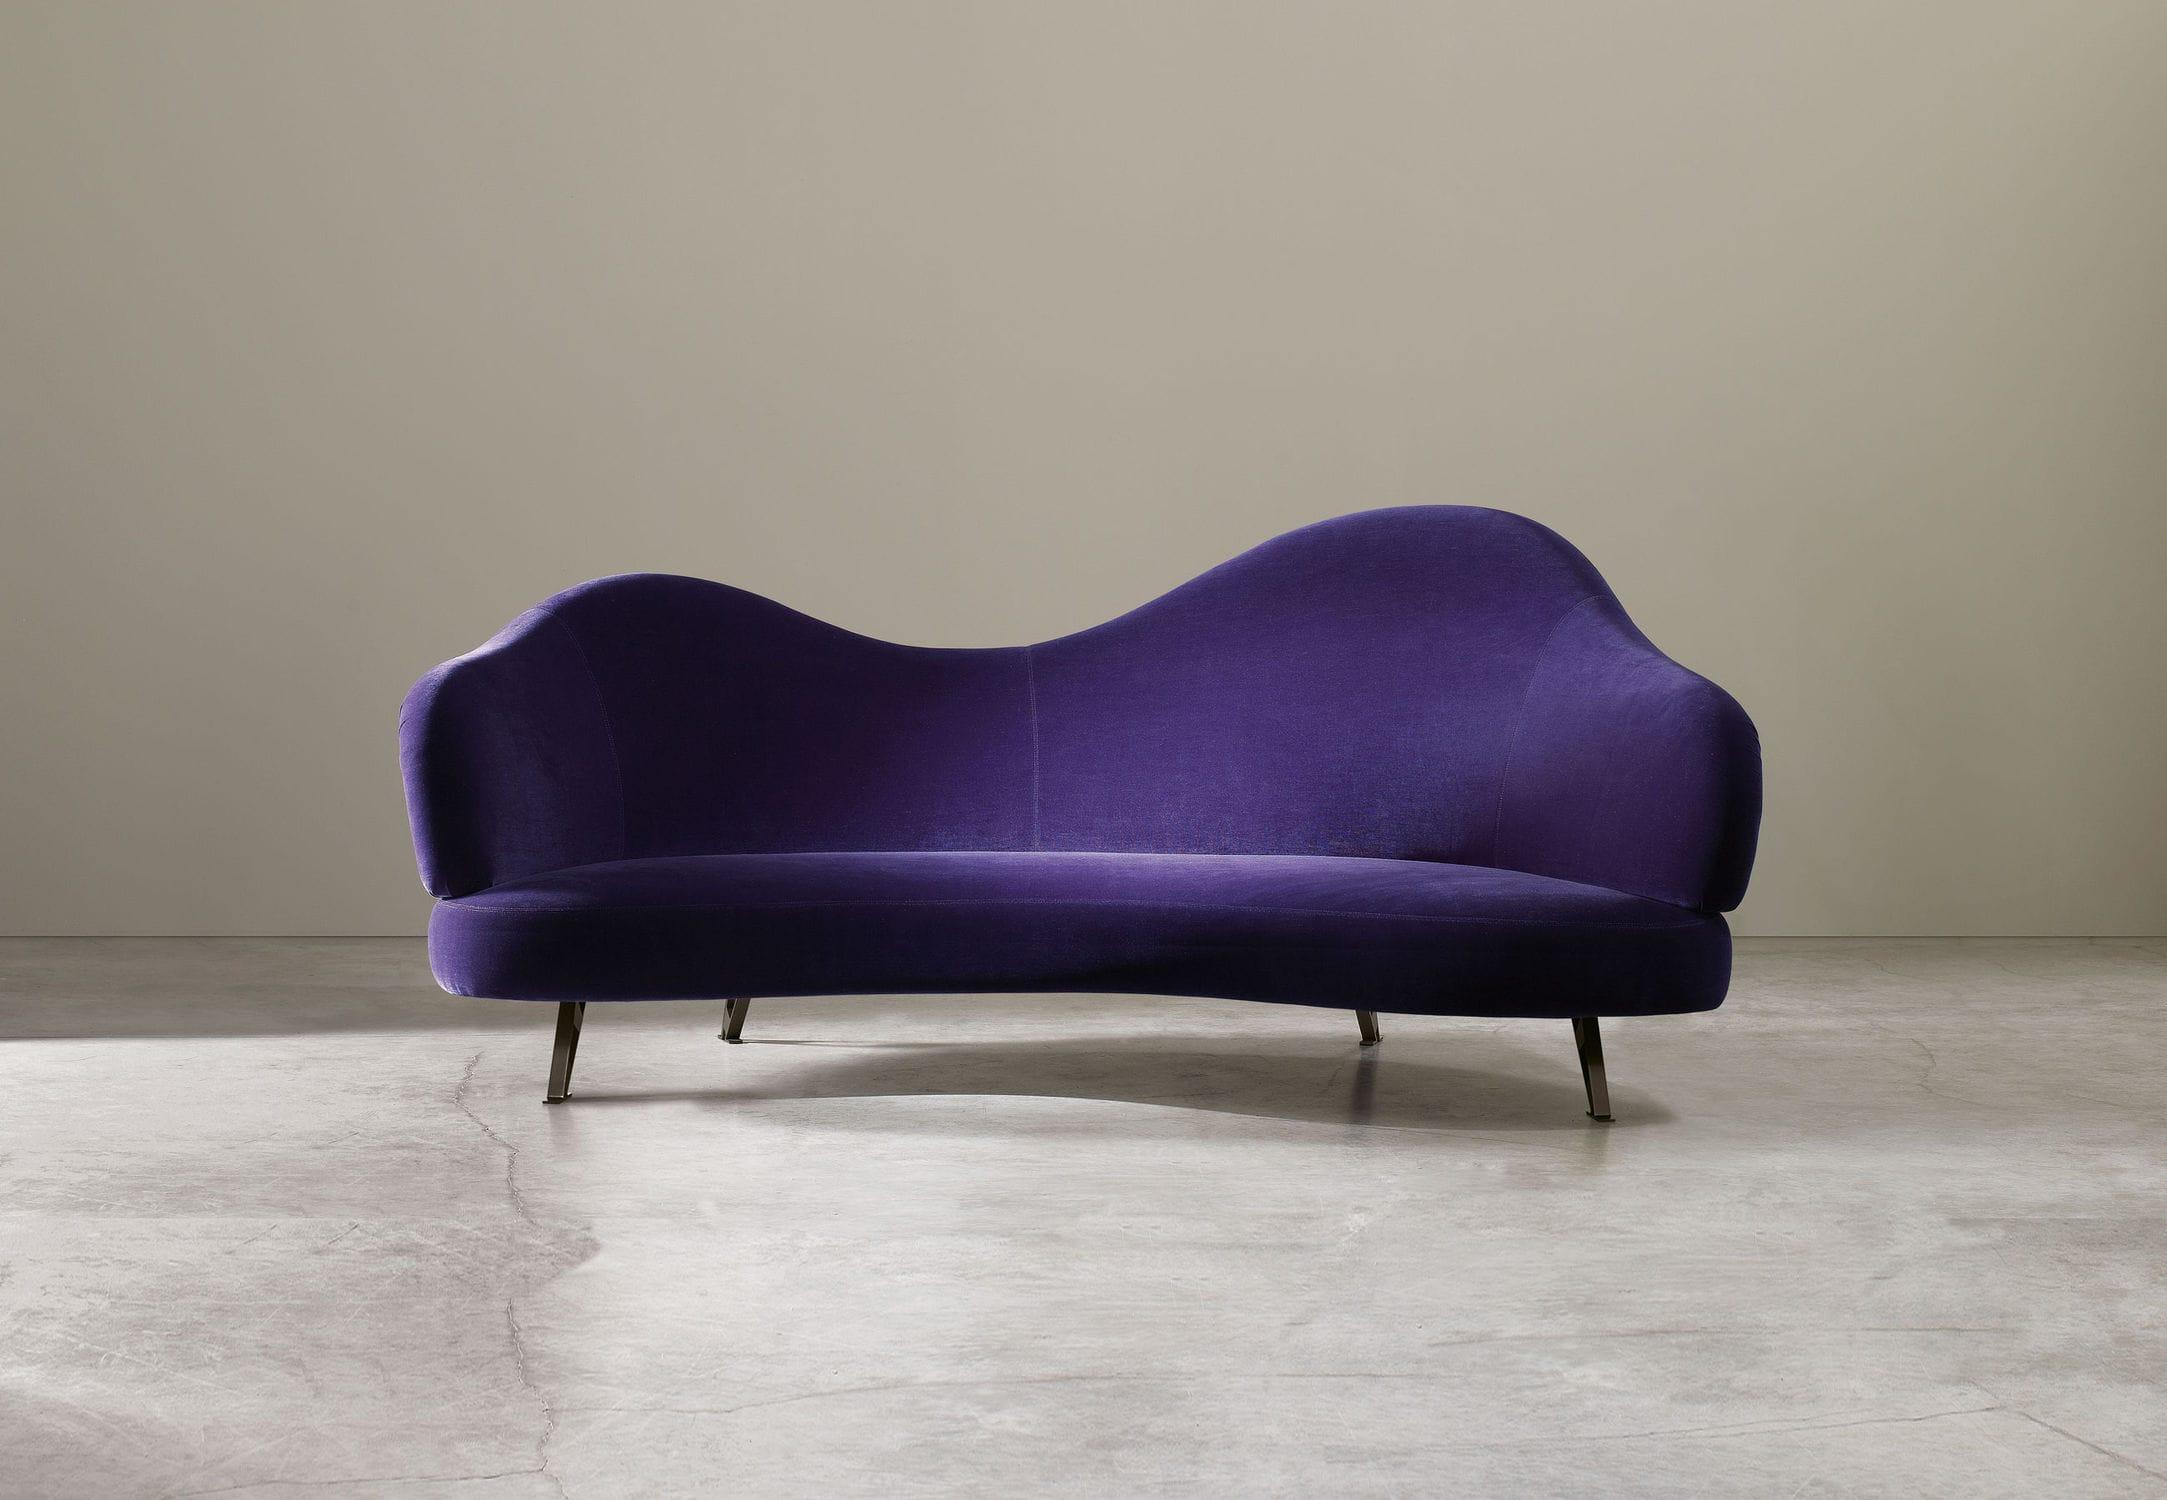 Divano Lino Grezzo : Divano design originale in lino viola charming by arc lab